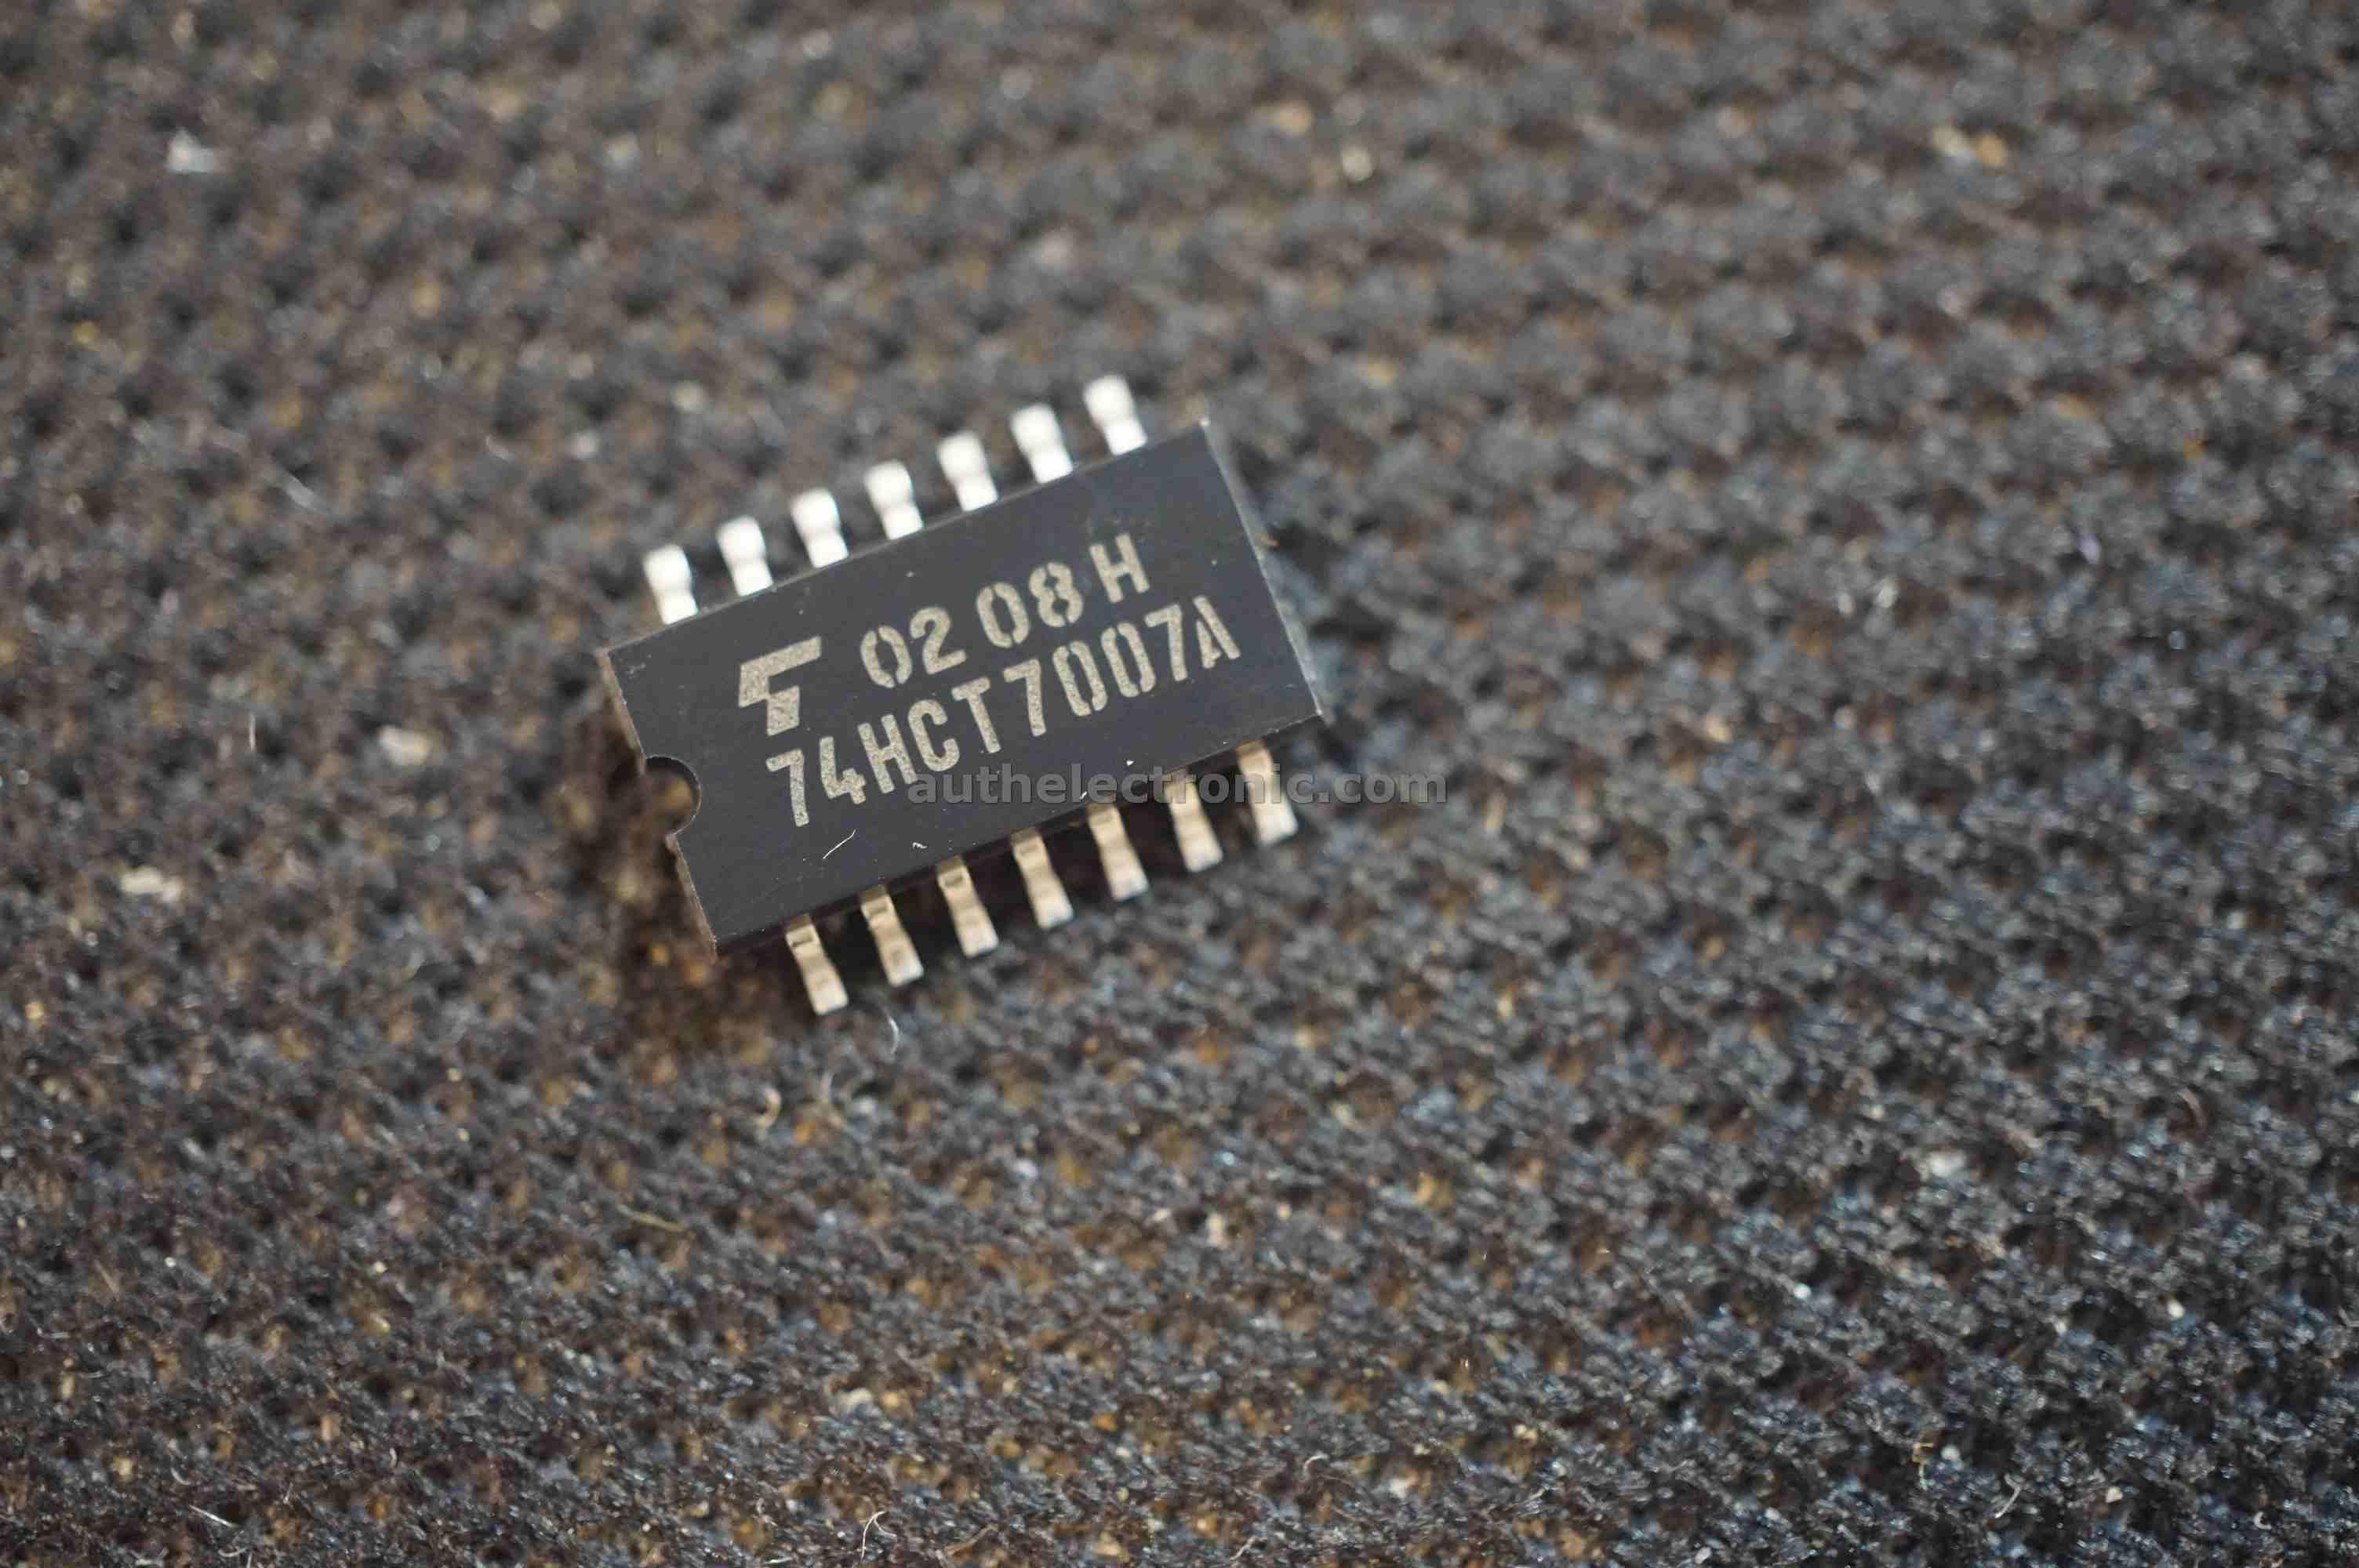 5pcs-original-hex-buffer-logic-ic-74hct7007a-7007a-tc74hct7007af-sop-14-new-tosh